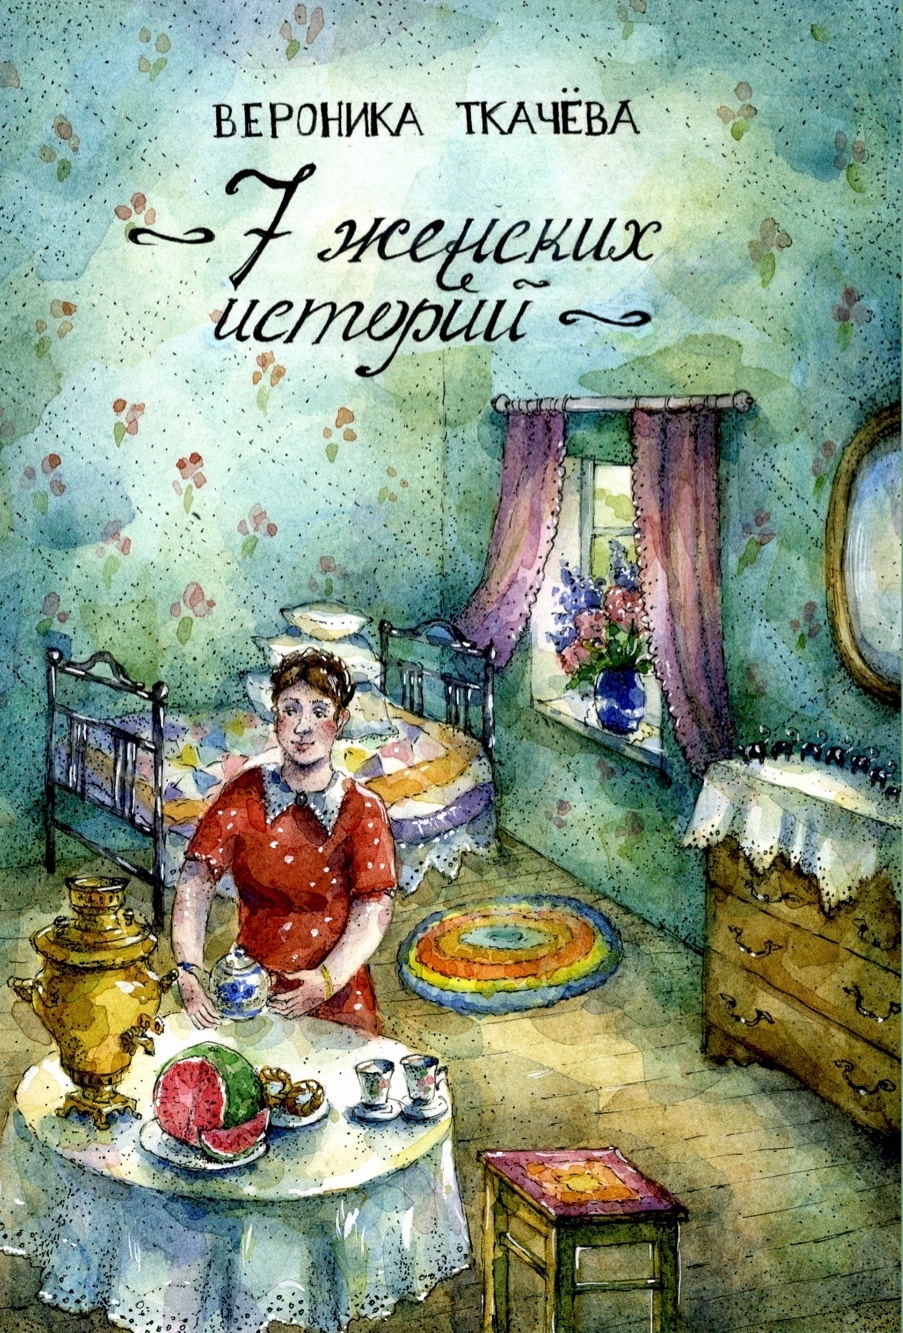 Ткачёва Вероника 7 женских историй екатерина костина жить творить любить сборник женских историй сезон3